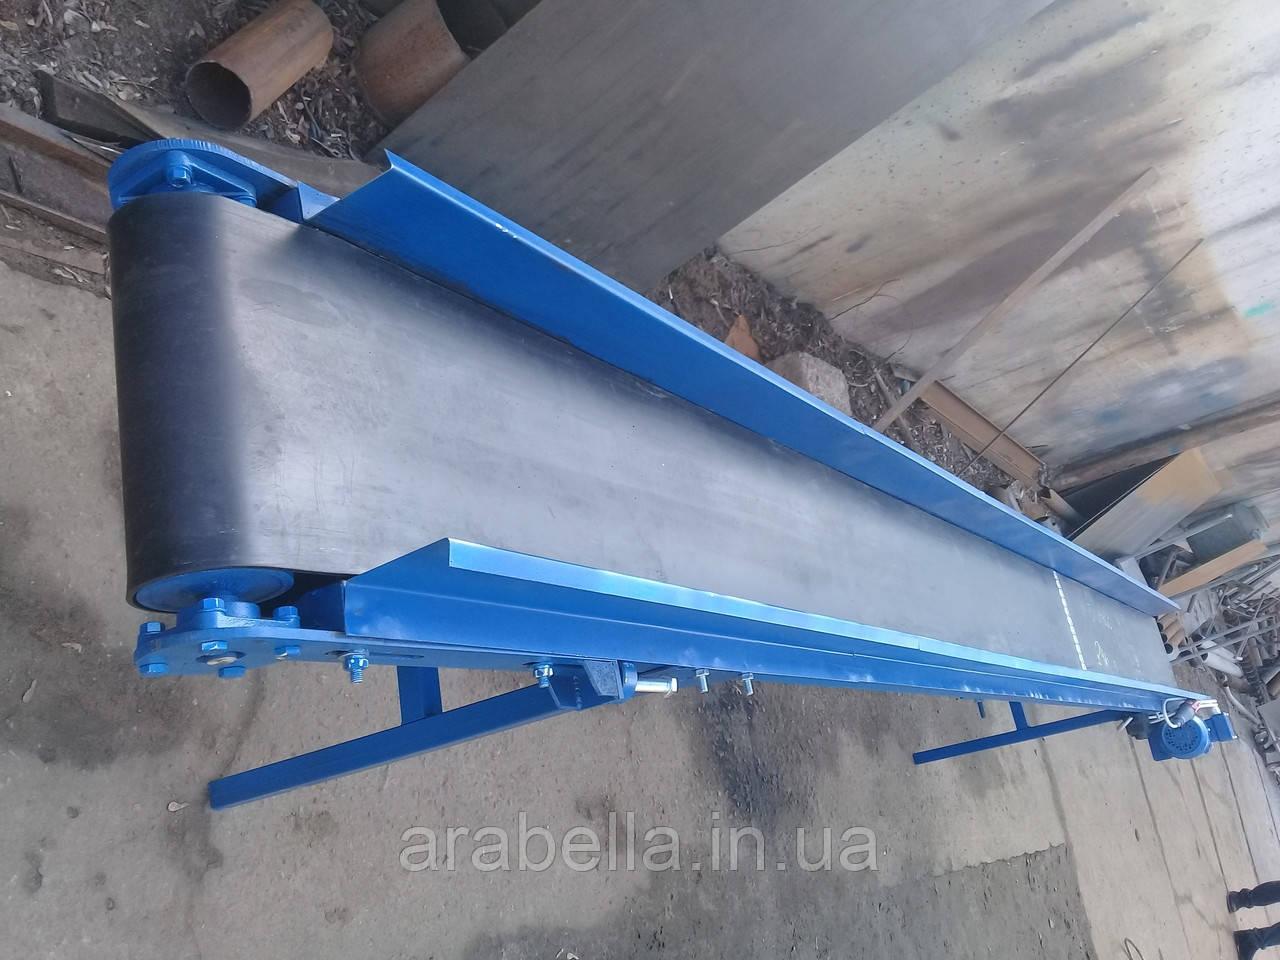 Конвейер ленточный ширина замена пыльника шруса на транспортер т4